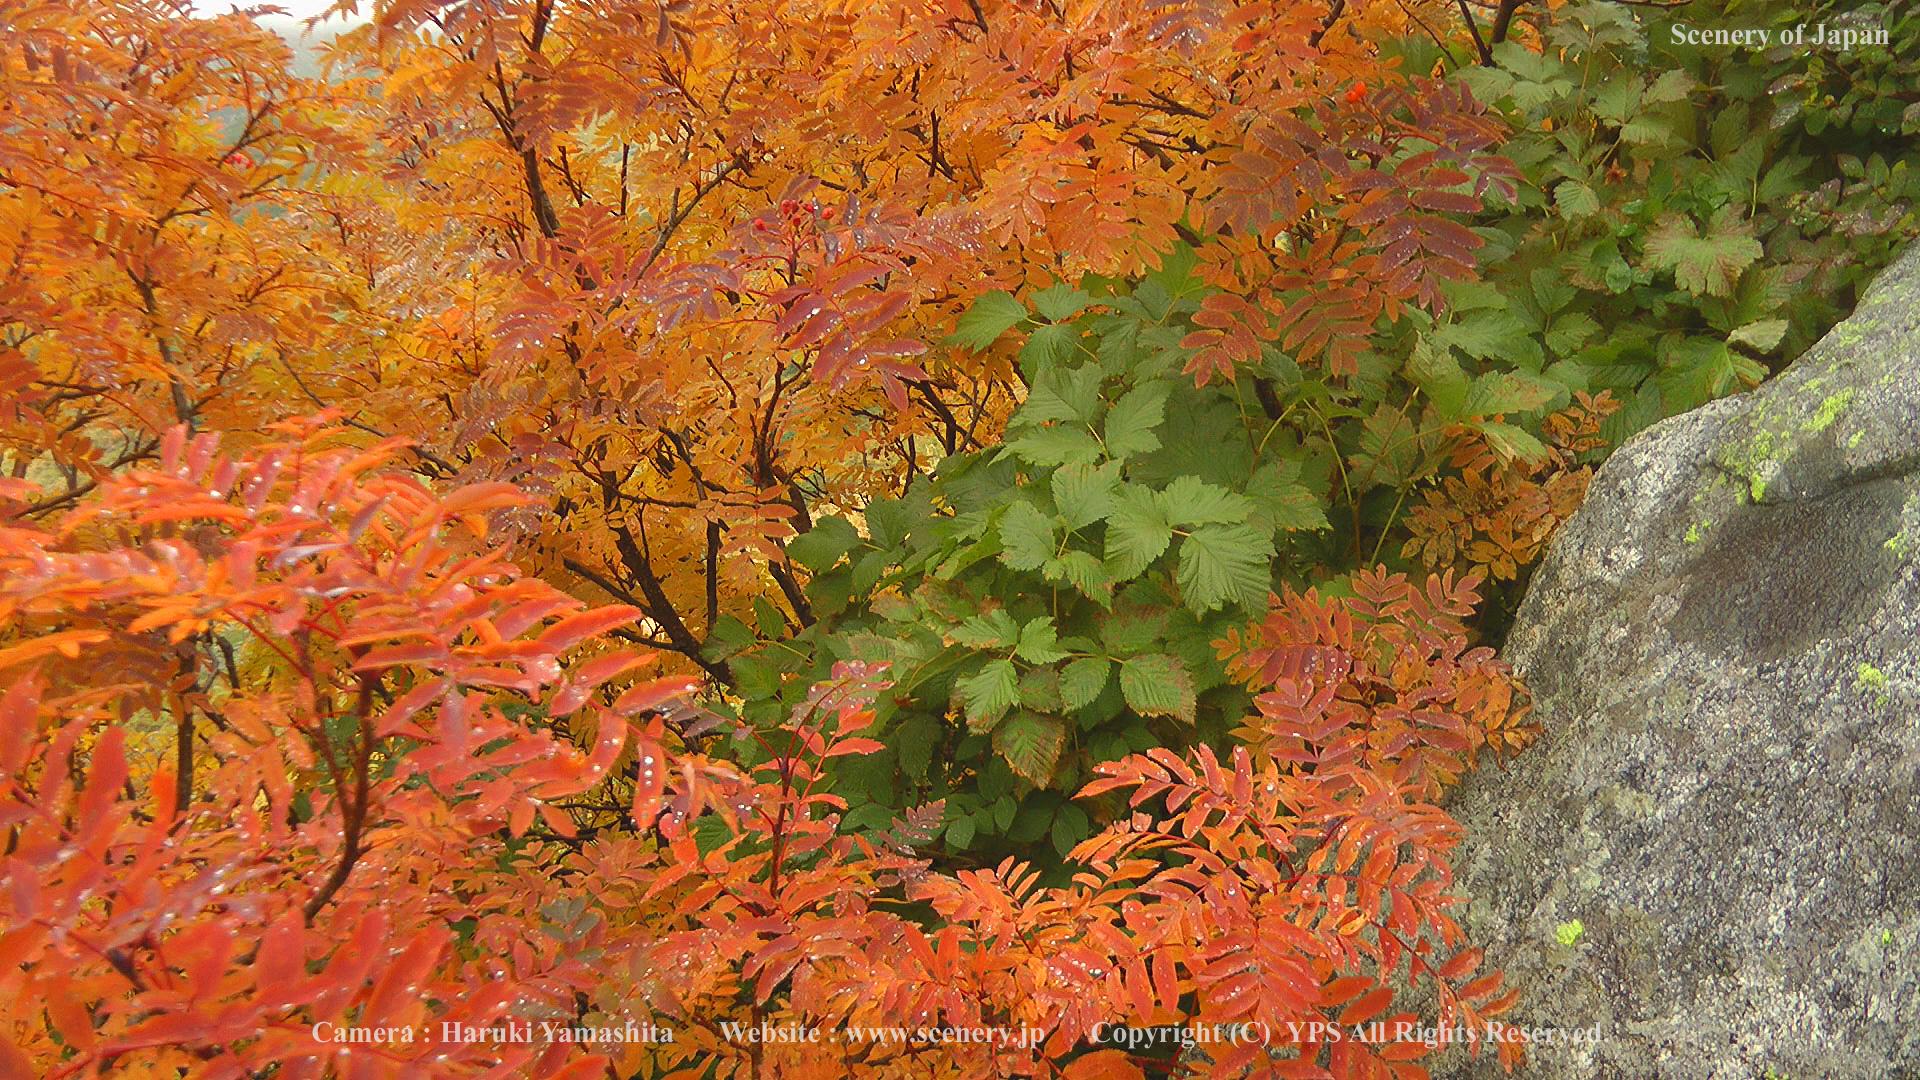 秋の壁紙 画像 無料ダウンロード Scenery Of Japan